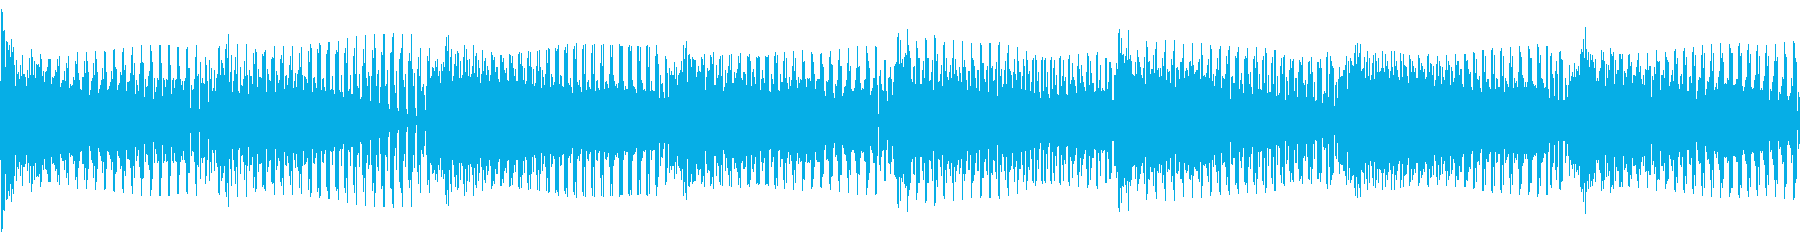 ベースピック弾き 4/4 80(ド)2の再生済みの波形